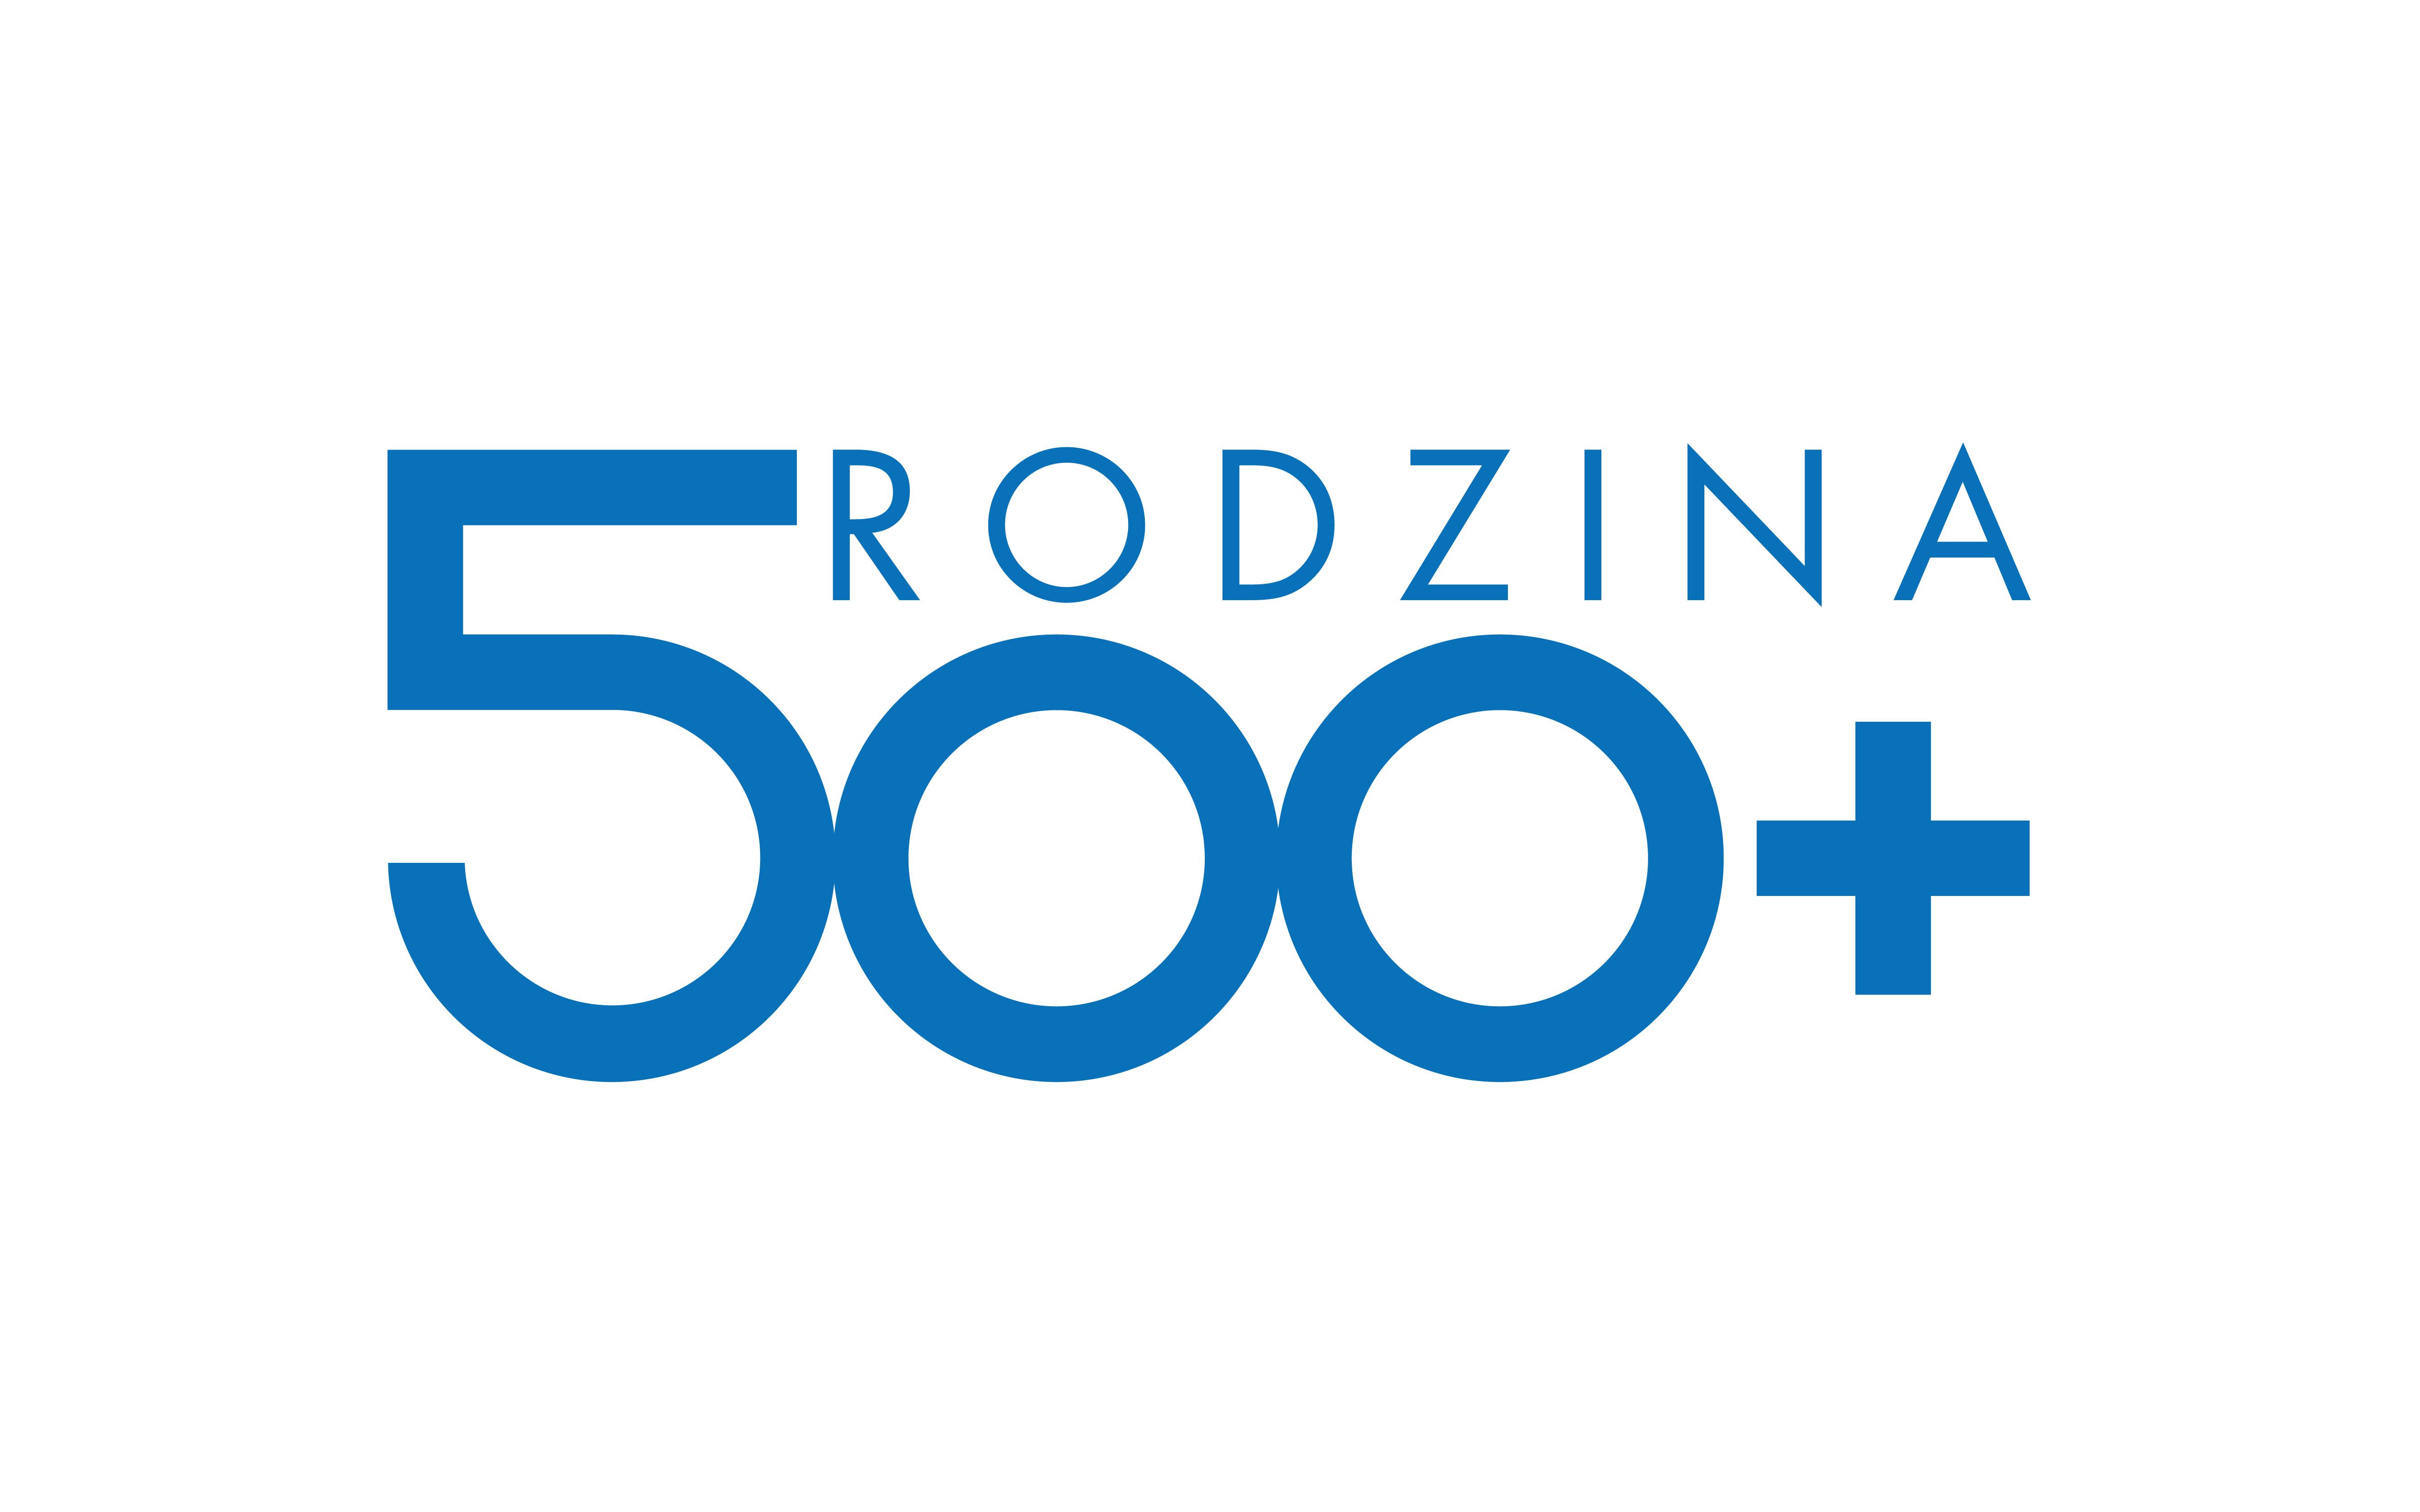 Program rządowy Rodzina 500 plus